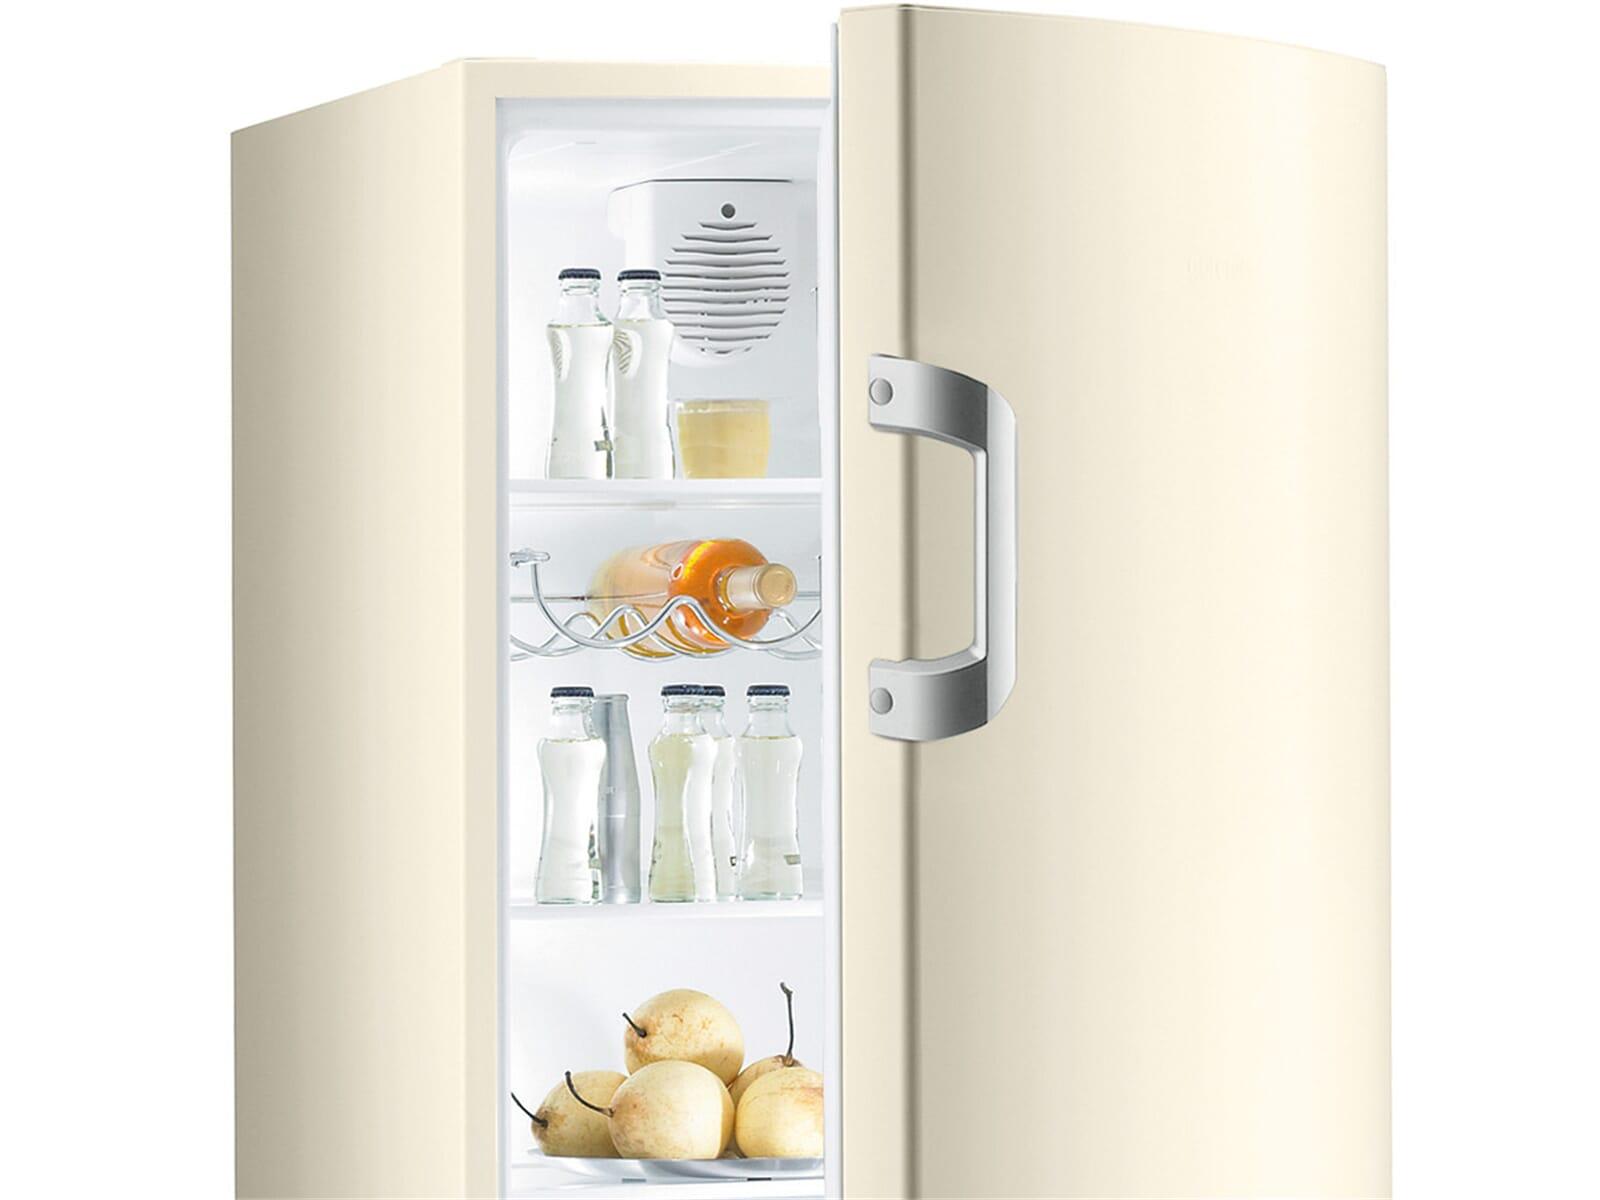 Gorenje Kühlschrank Champagne : Am besten gorenje kühlschrank creme &nr36 u2013 startupjobsfa